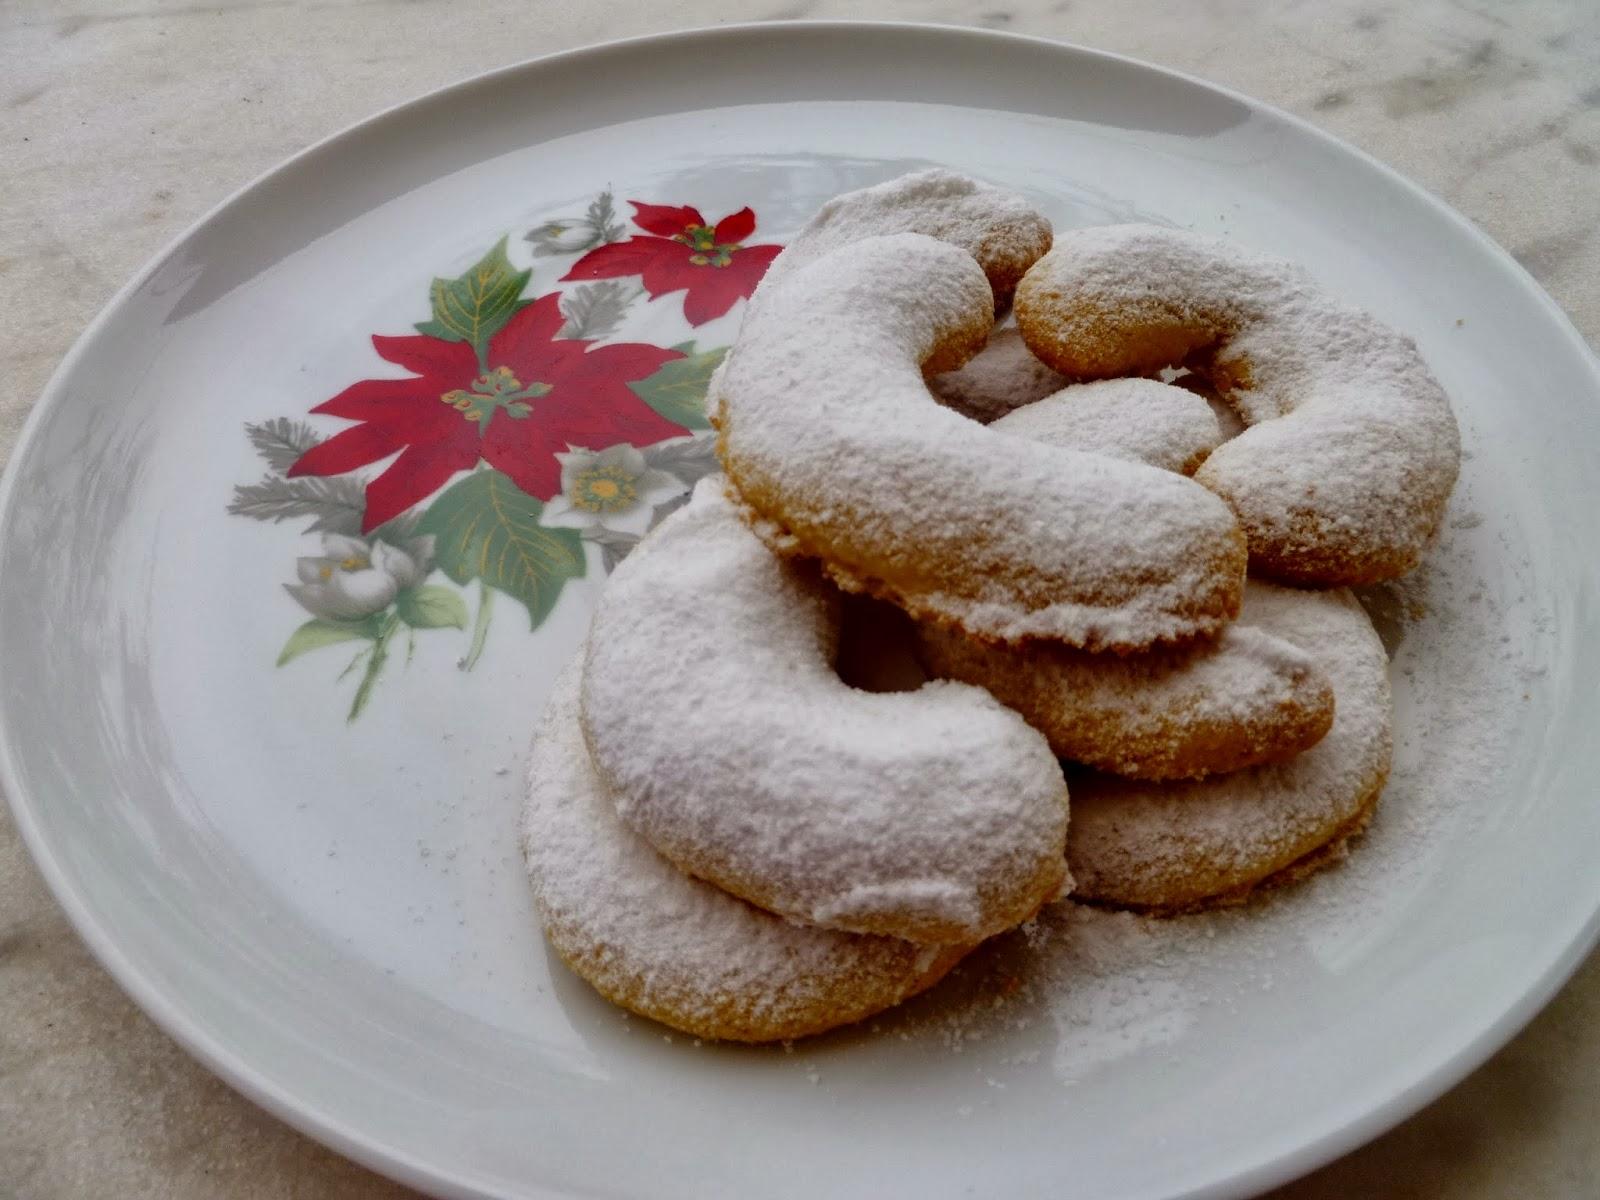 Μπισκότα Χριστουγέννων vanillekipferl